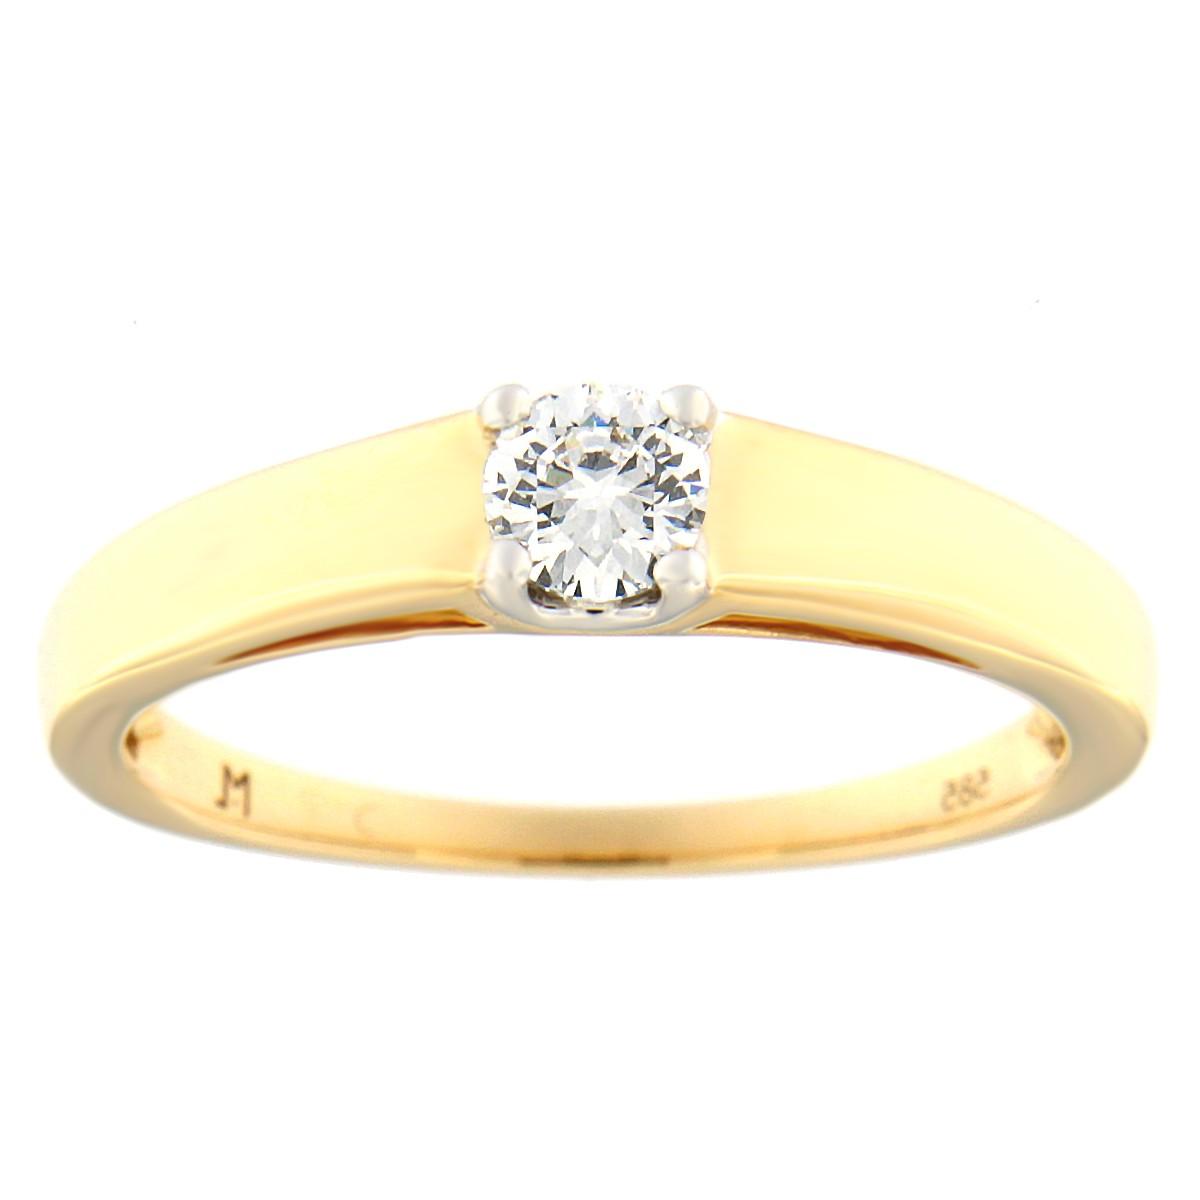 Kullast sõrmus teemantiga 0,24 ct. Kood: 54at